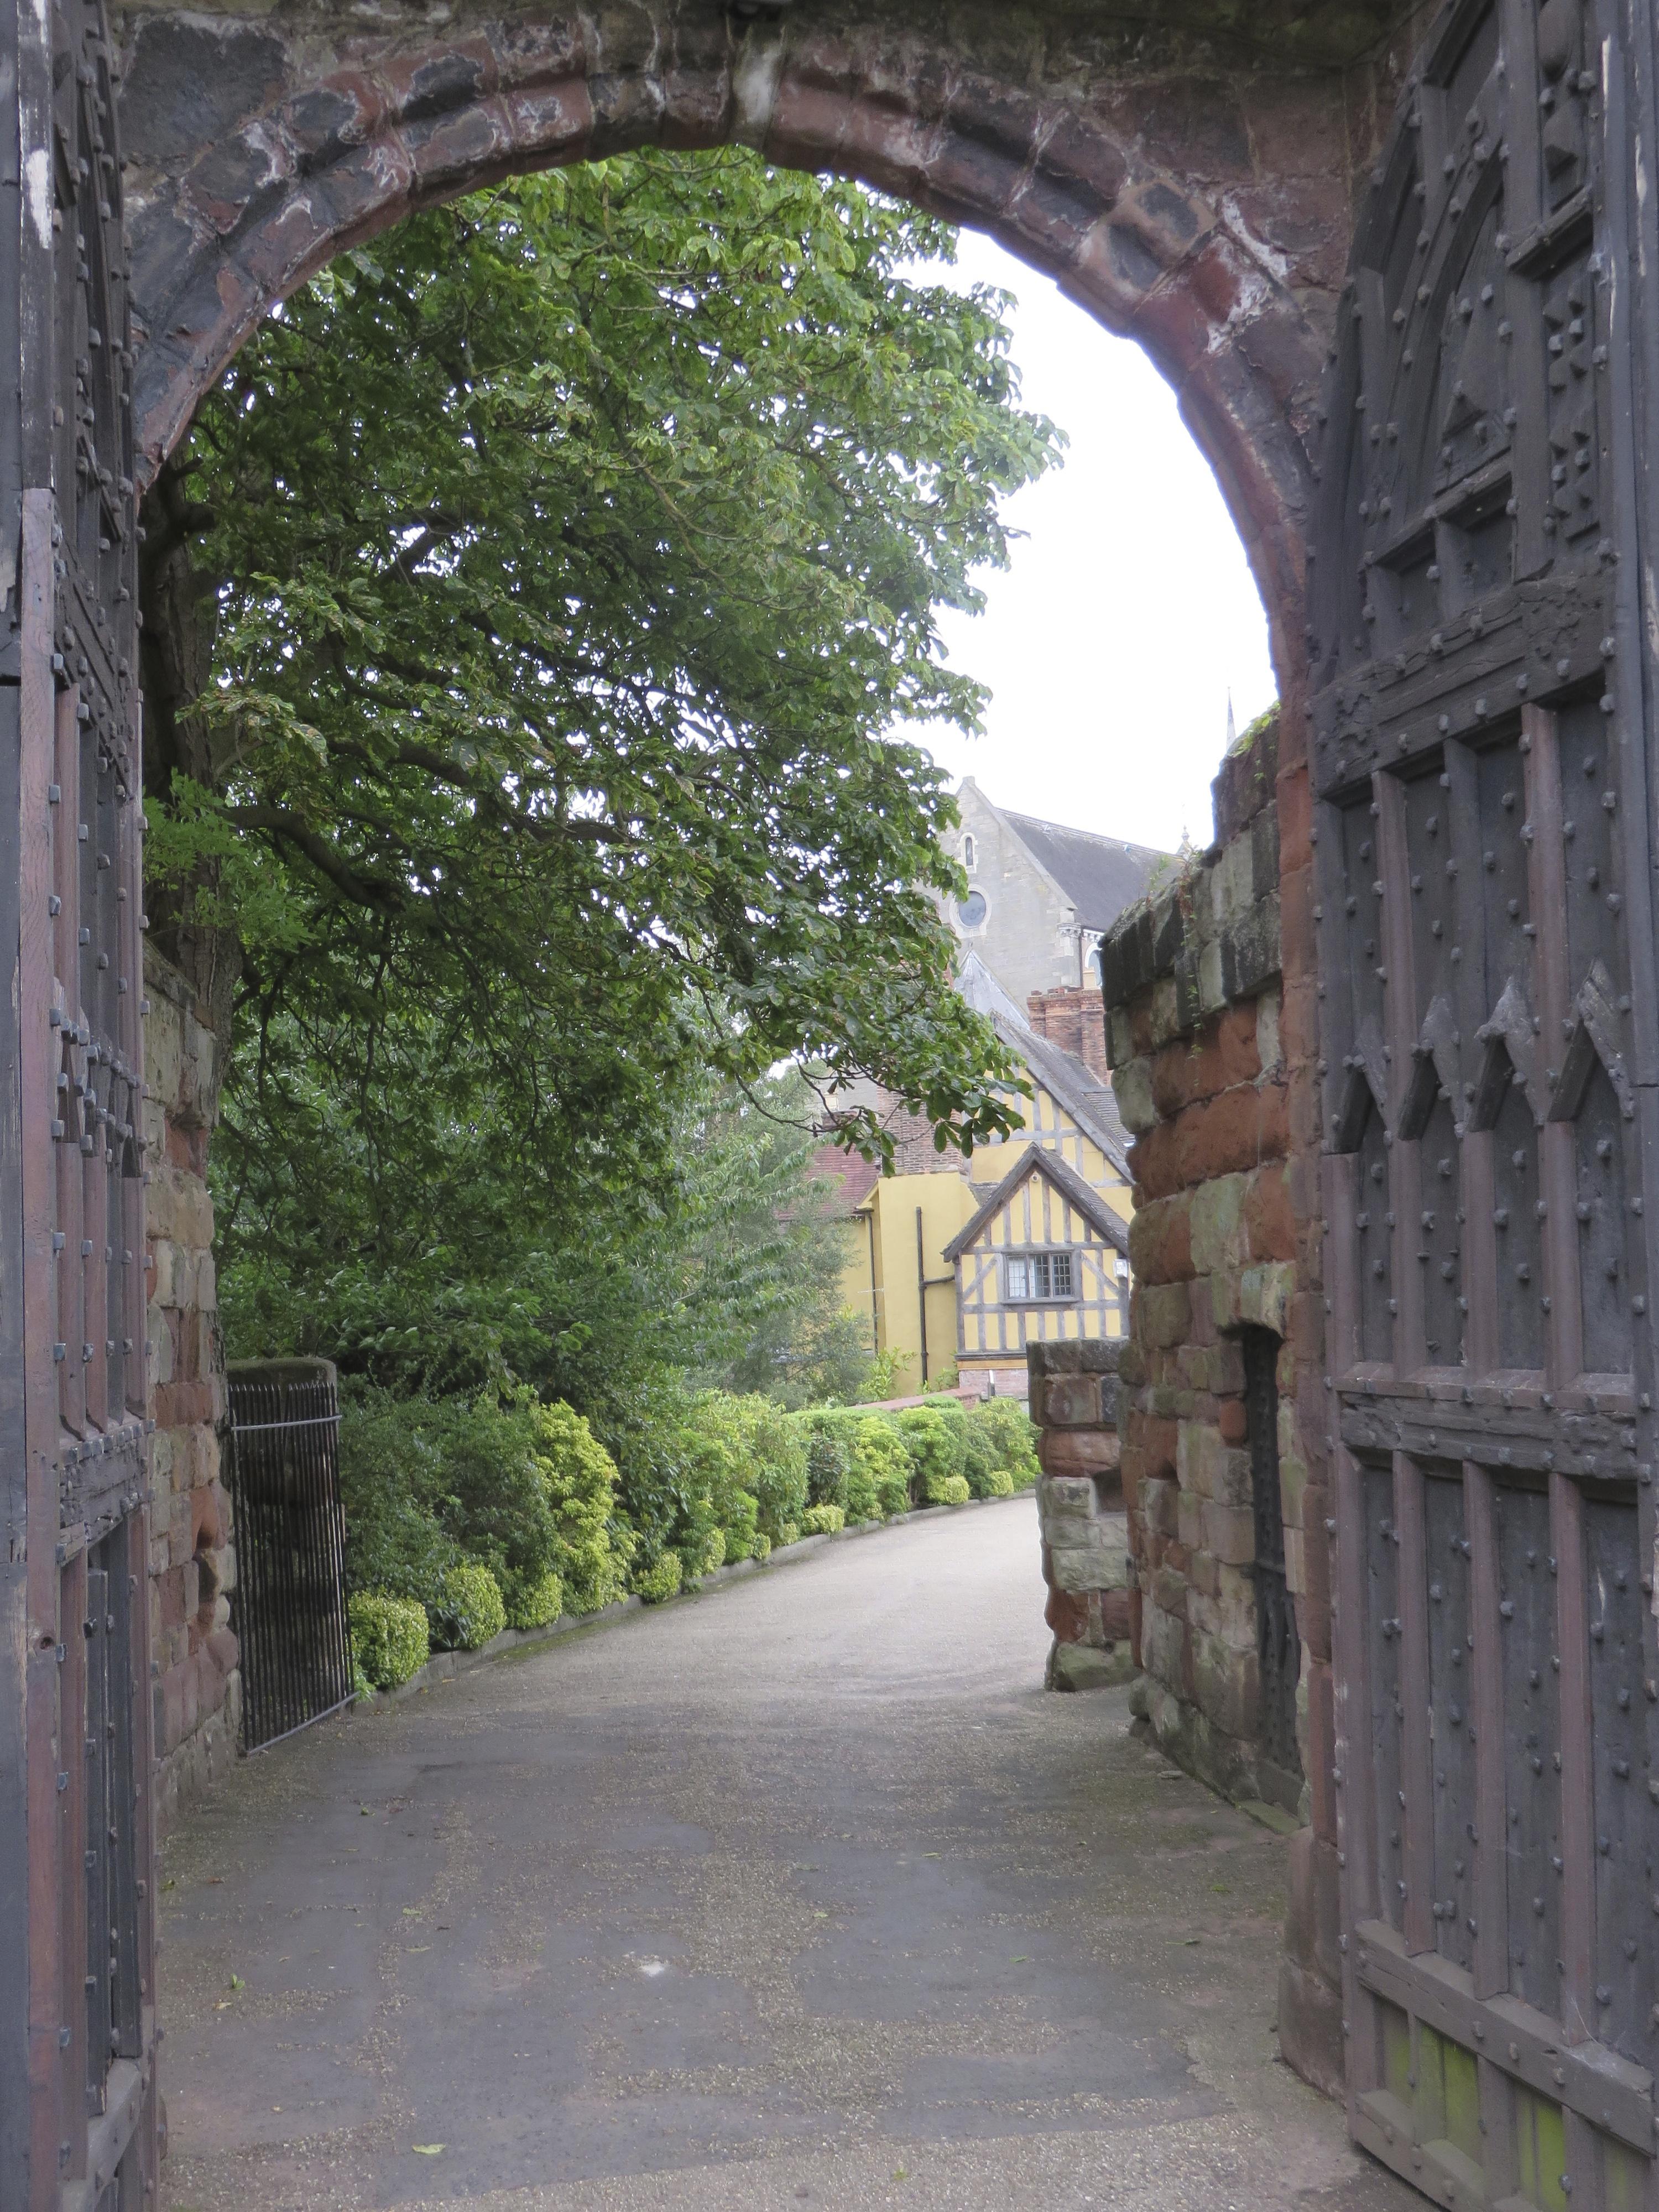 Shrewsbury, we hardly knew ye!